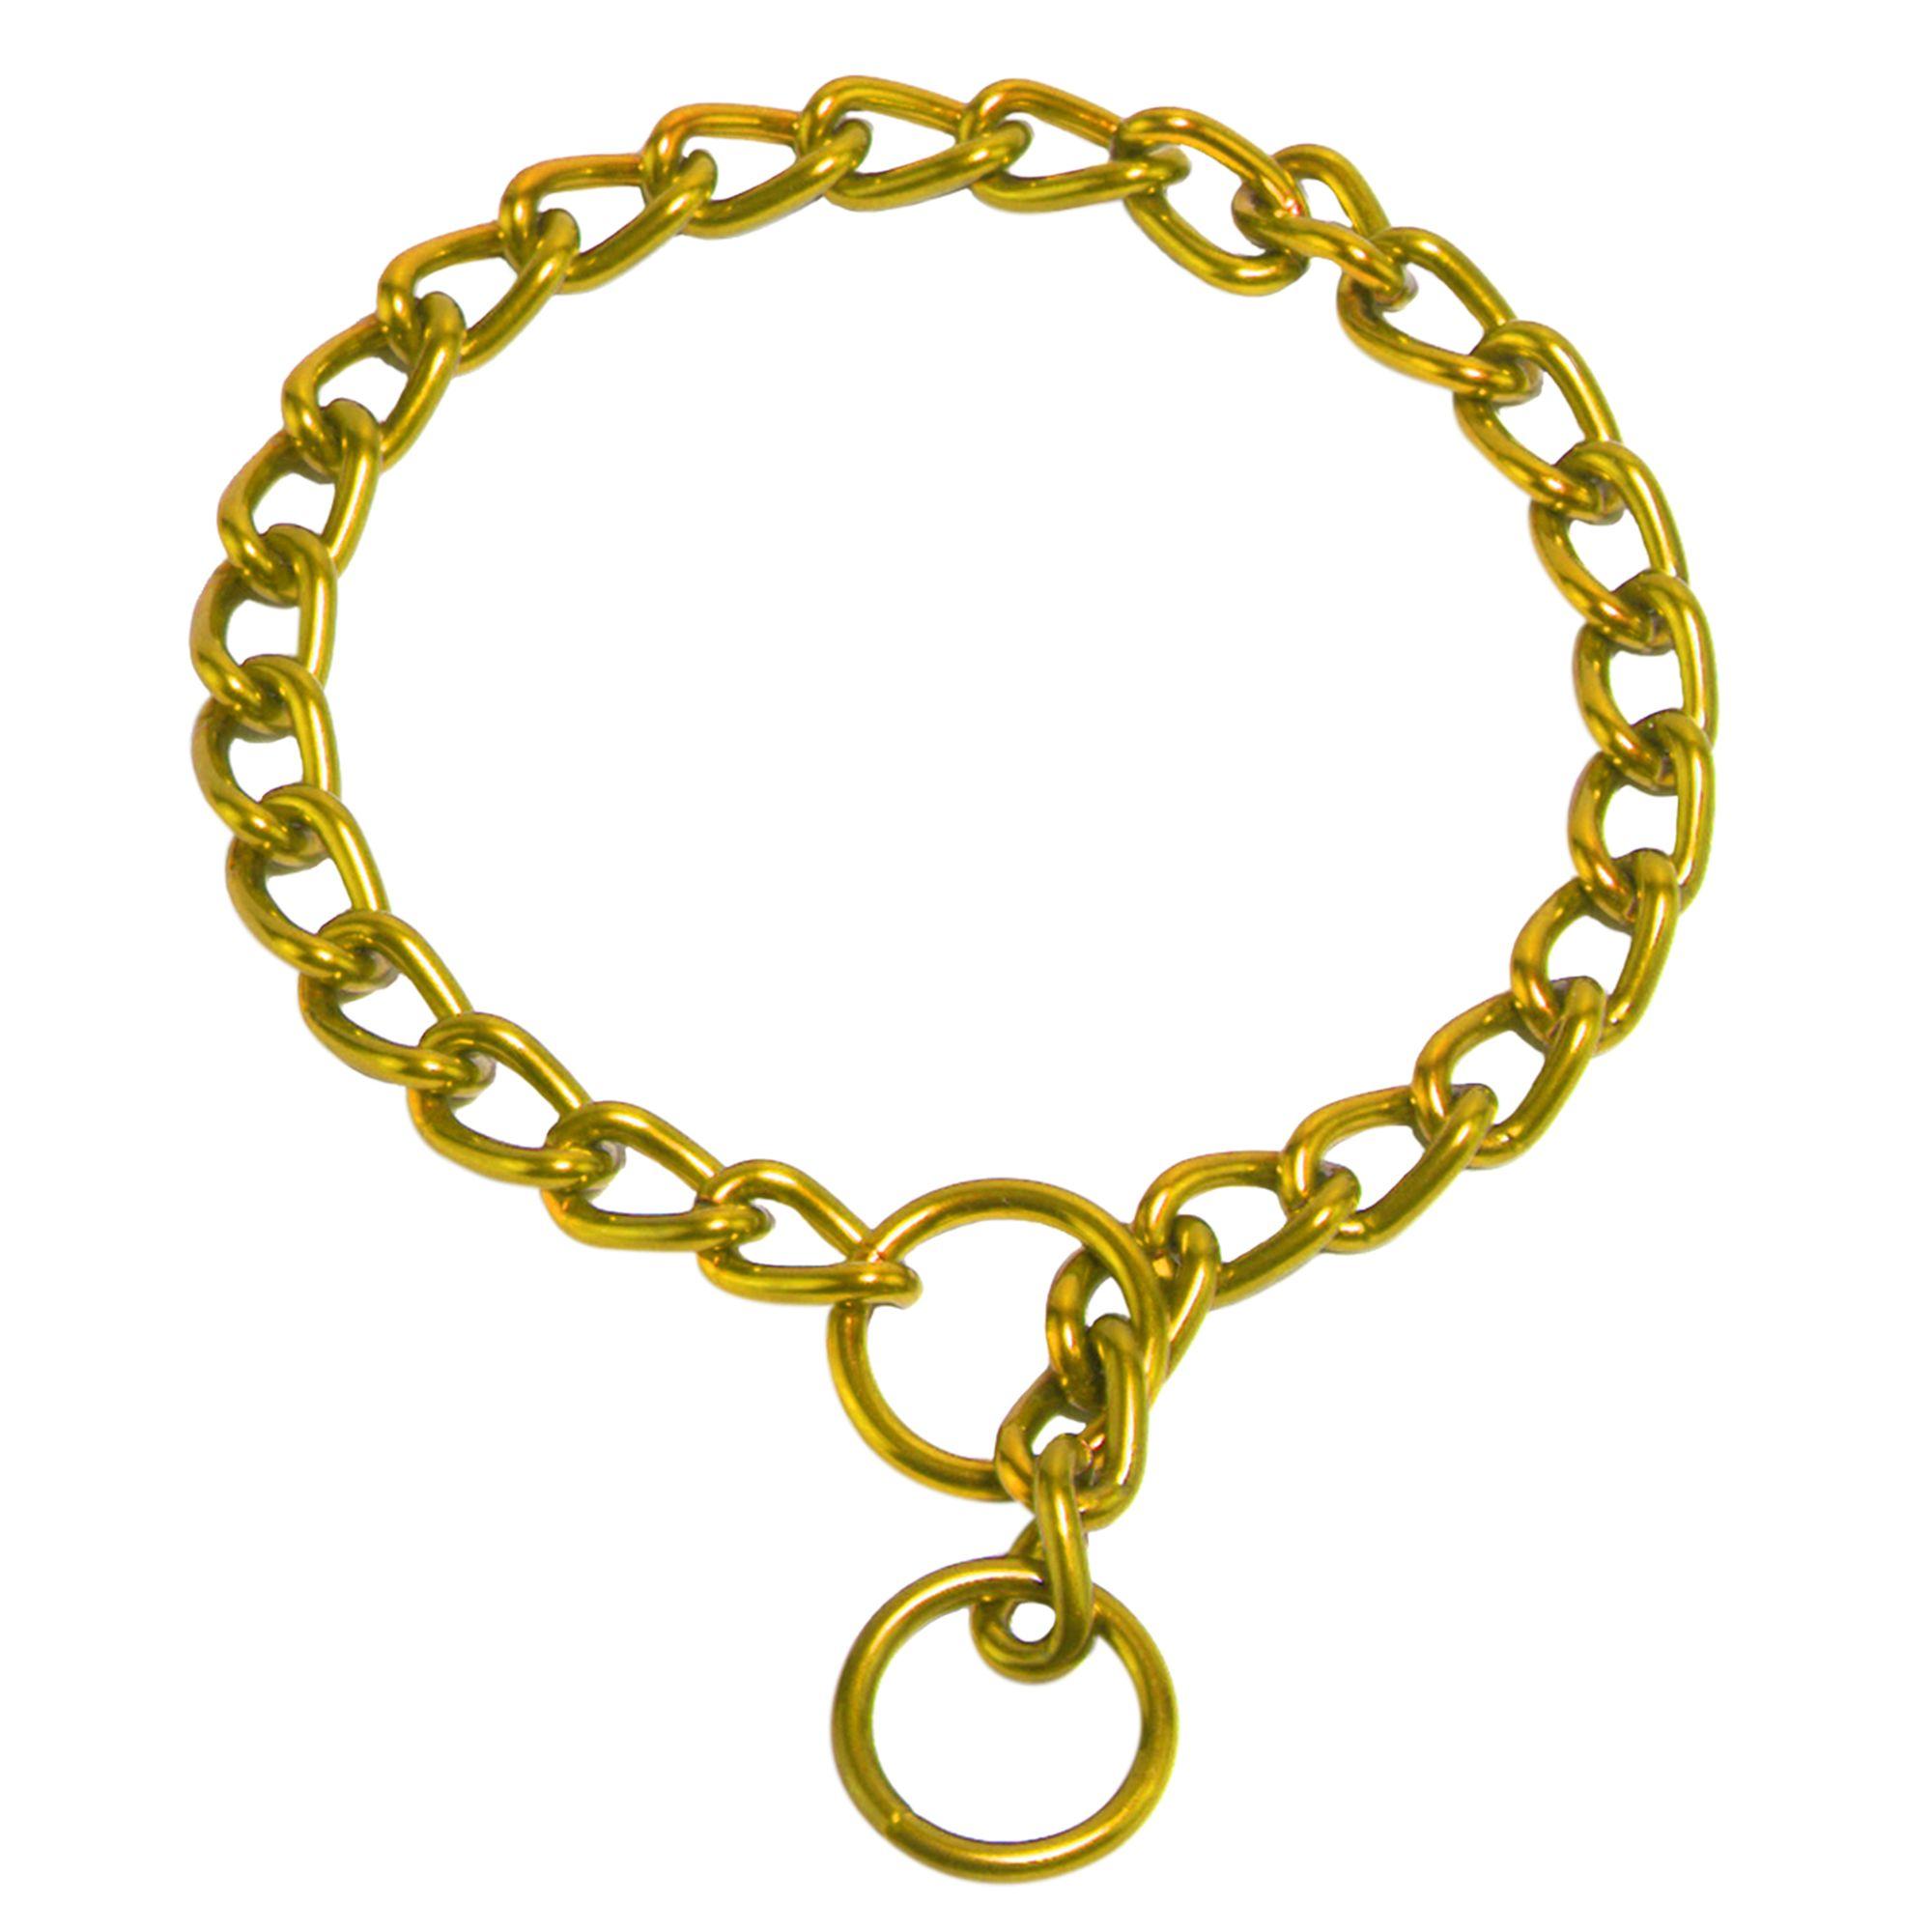 Platinum Pets Chain Training Dog Collar Size 14l X 2mmw 24 Karat Gold